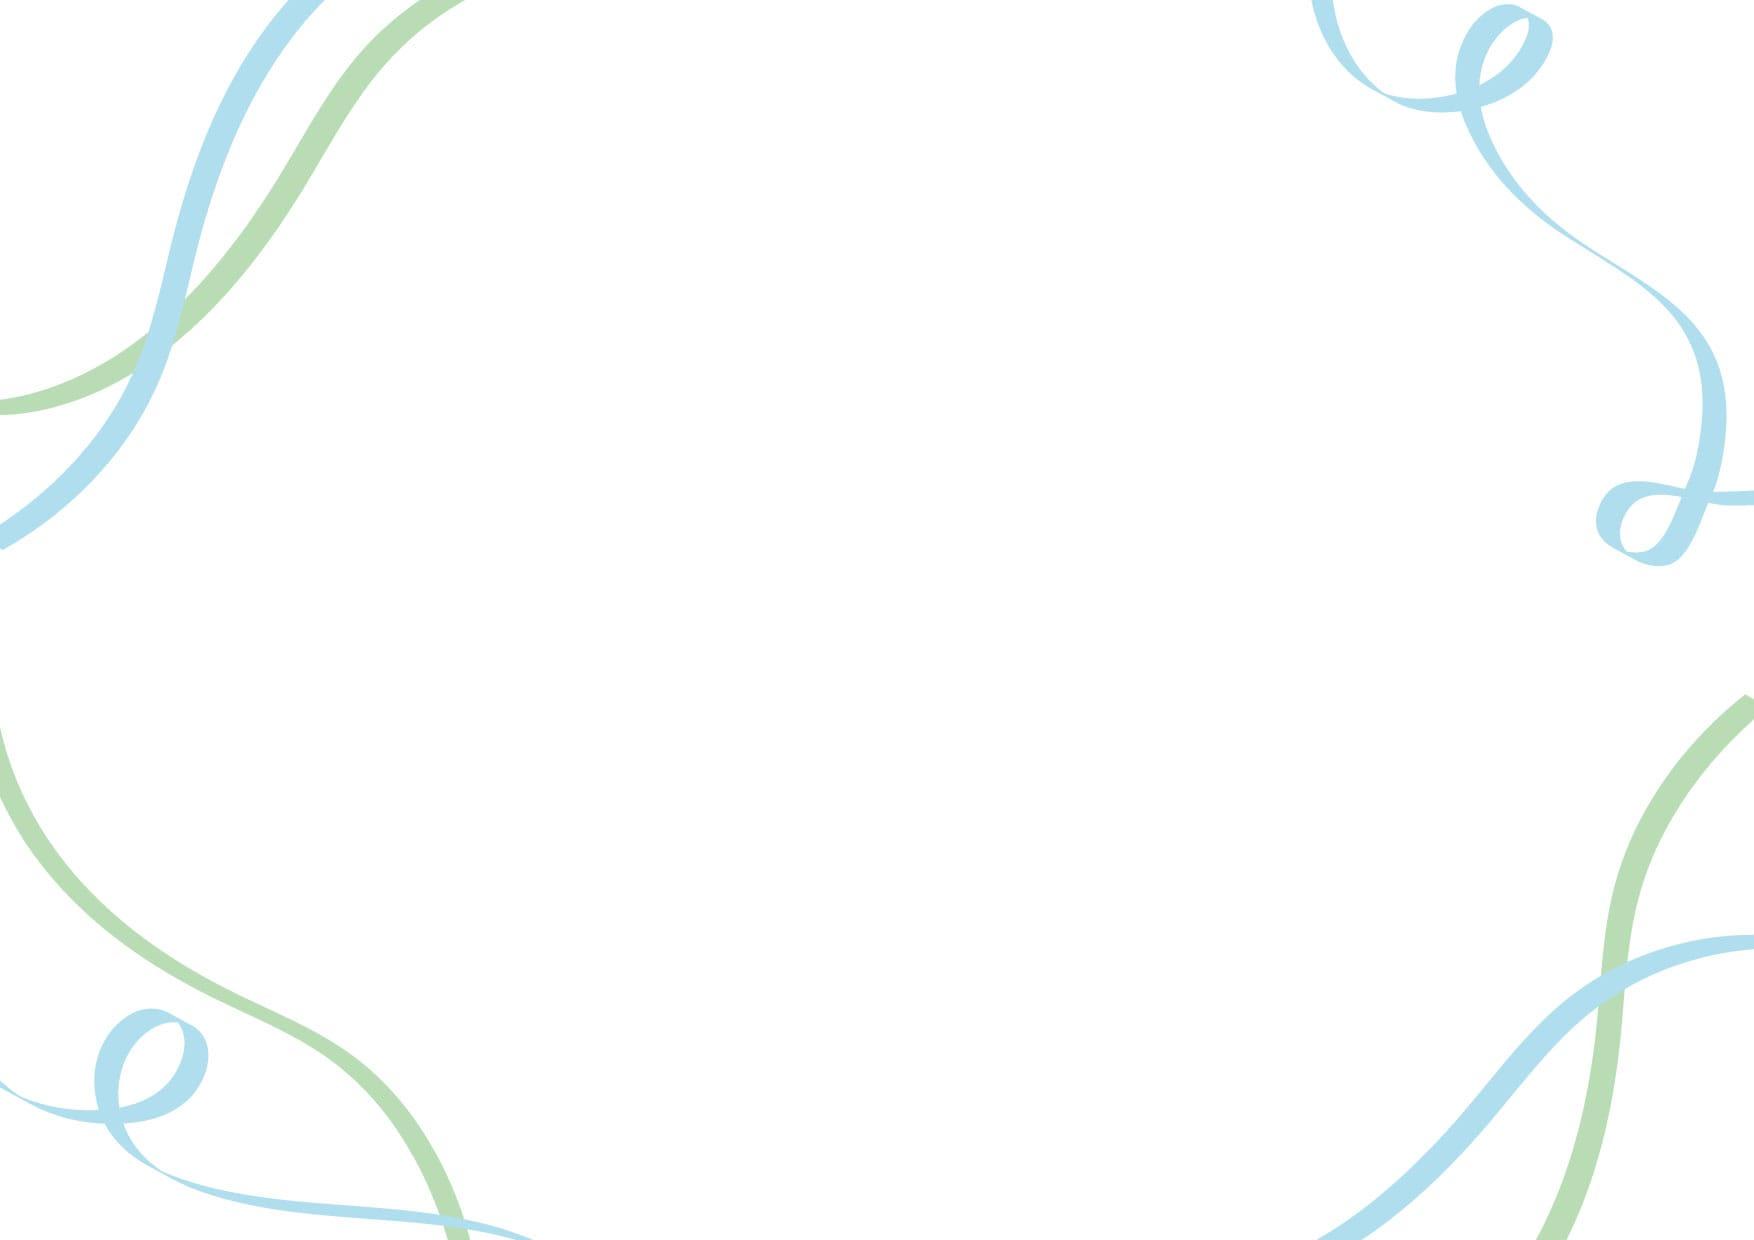 リボン 背景 青色 緑色 イラスト 無料